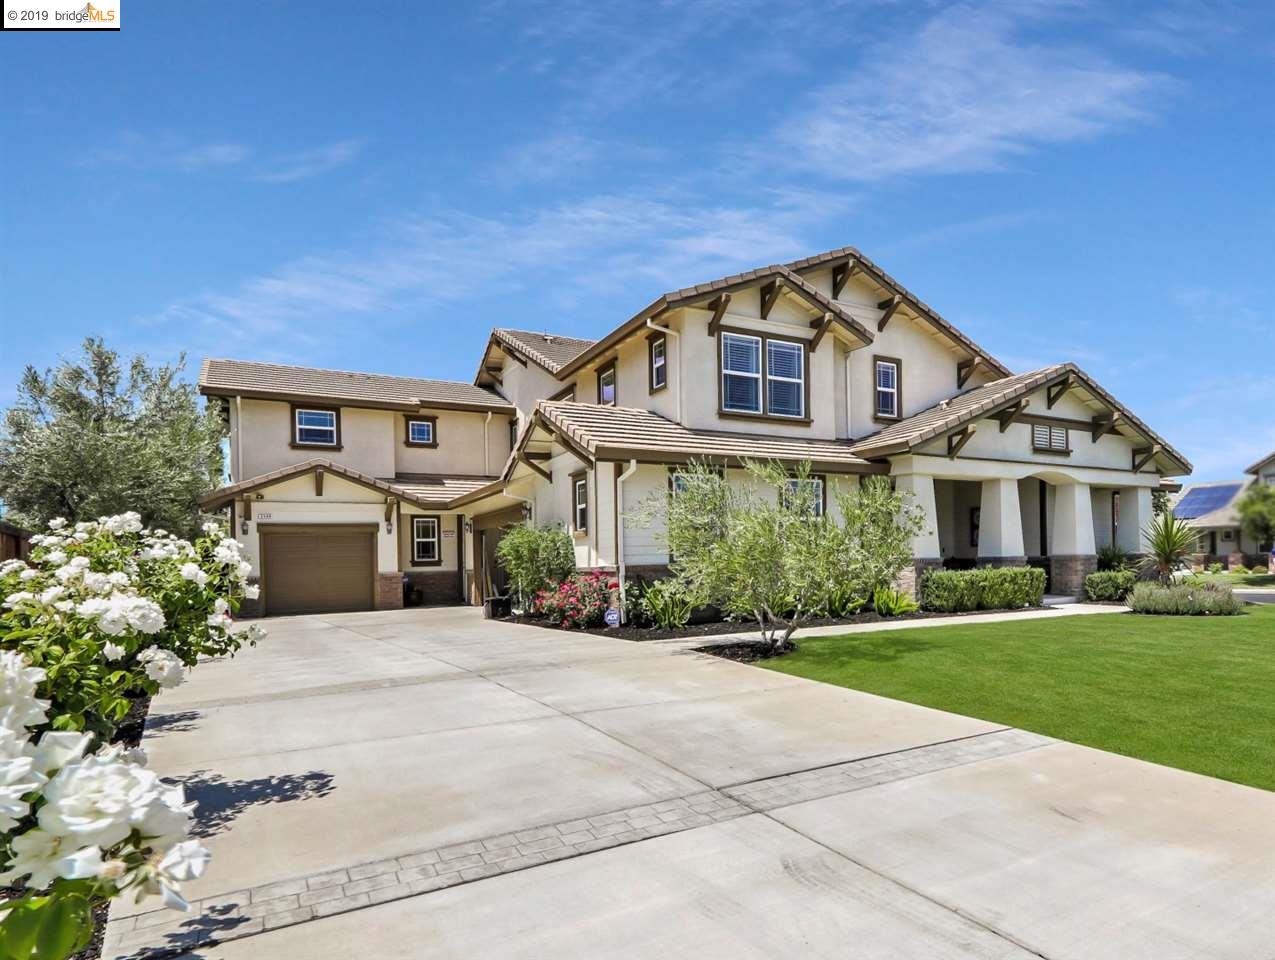 2349 ATTERBURY LANE, BRENTWOOD, CA 94513